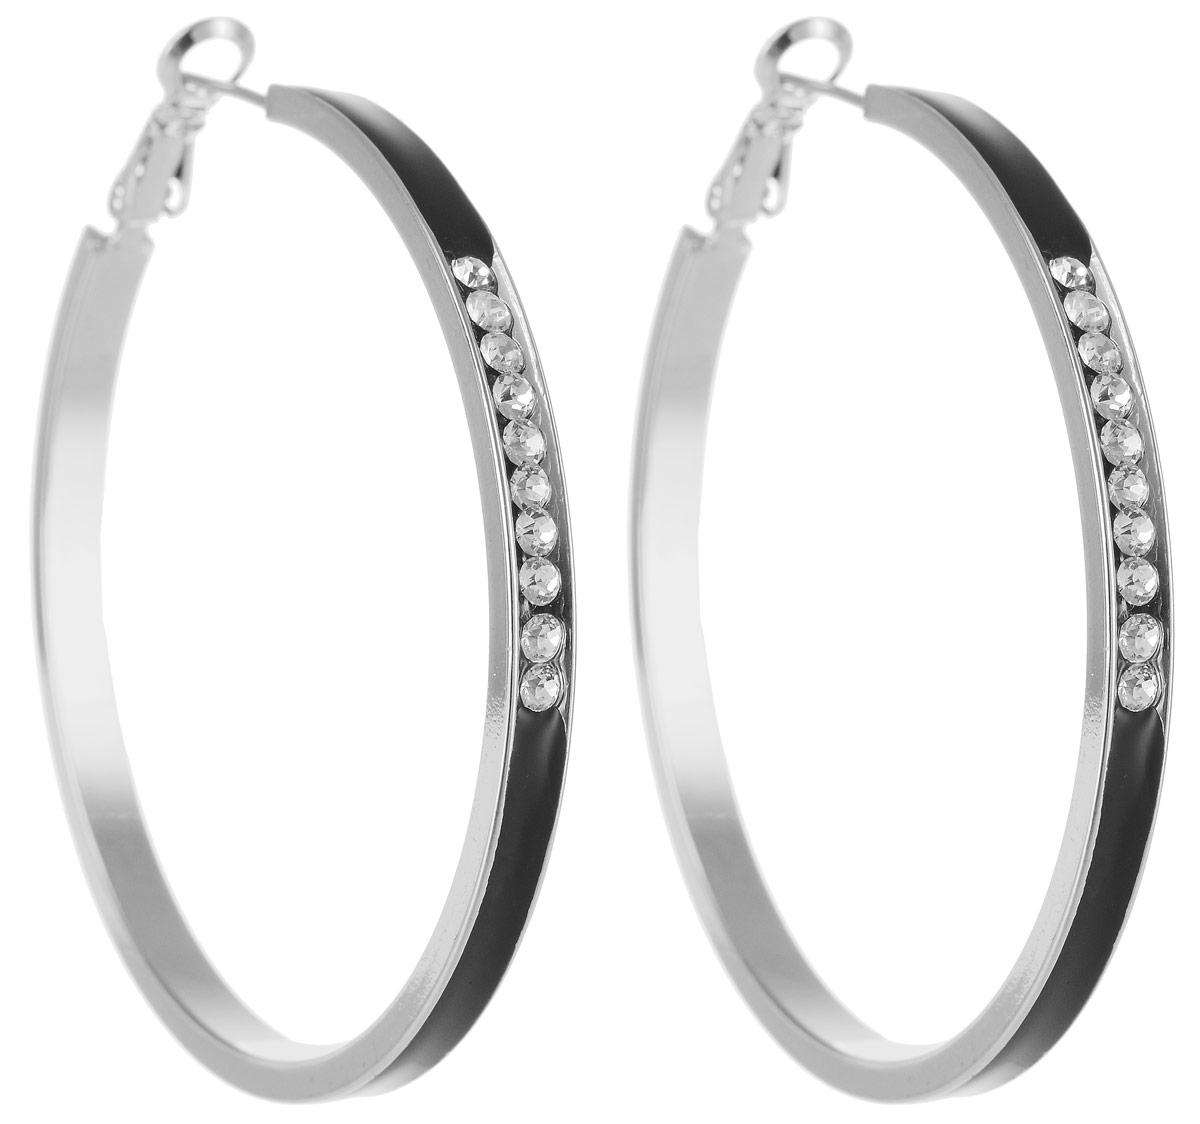 Серьги Art-Silver, цвет: черный. 15527-47315527-473Стильные серьги Selena выполнены из латуни с гальваническим покрытием. Серьги оформлены оригинальными декоративными вставками. Такие серьги будут ярким дополнением вашего образа.